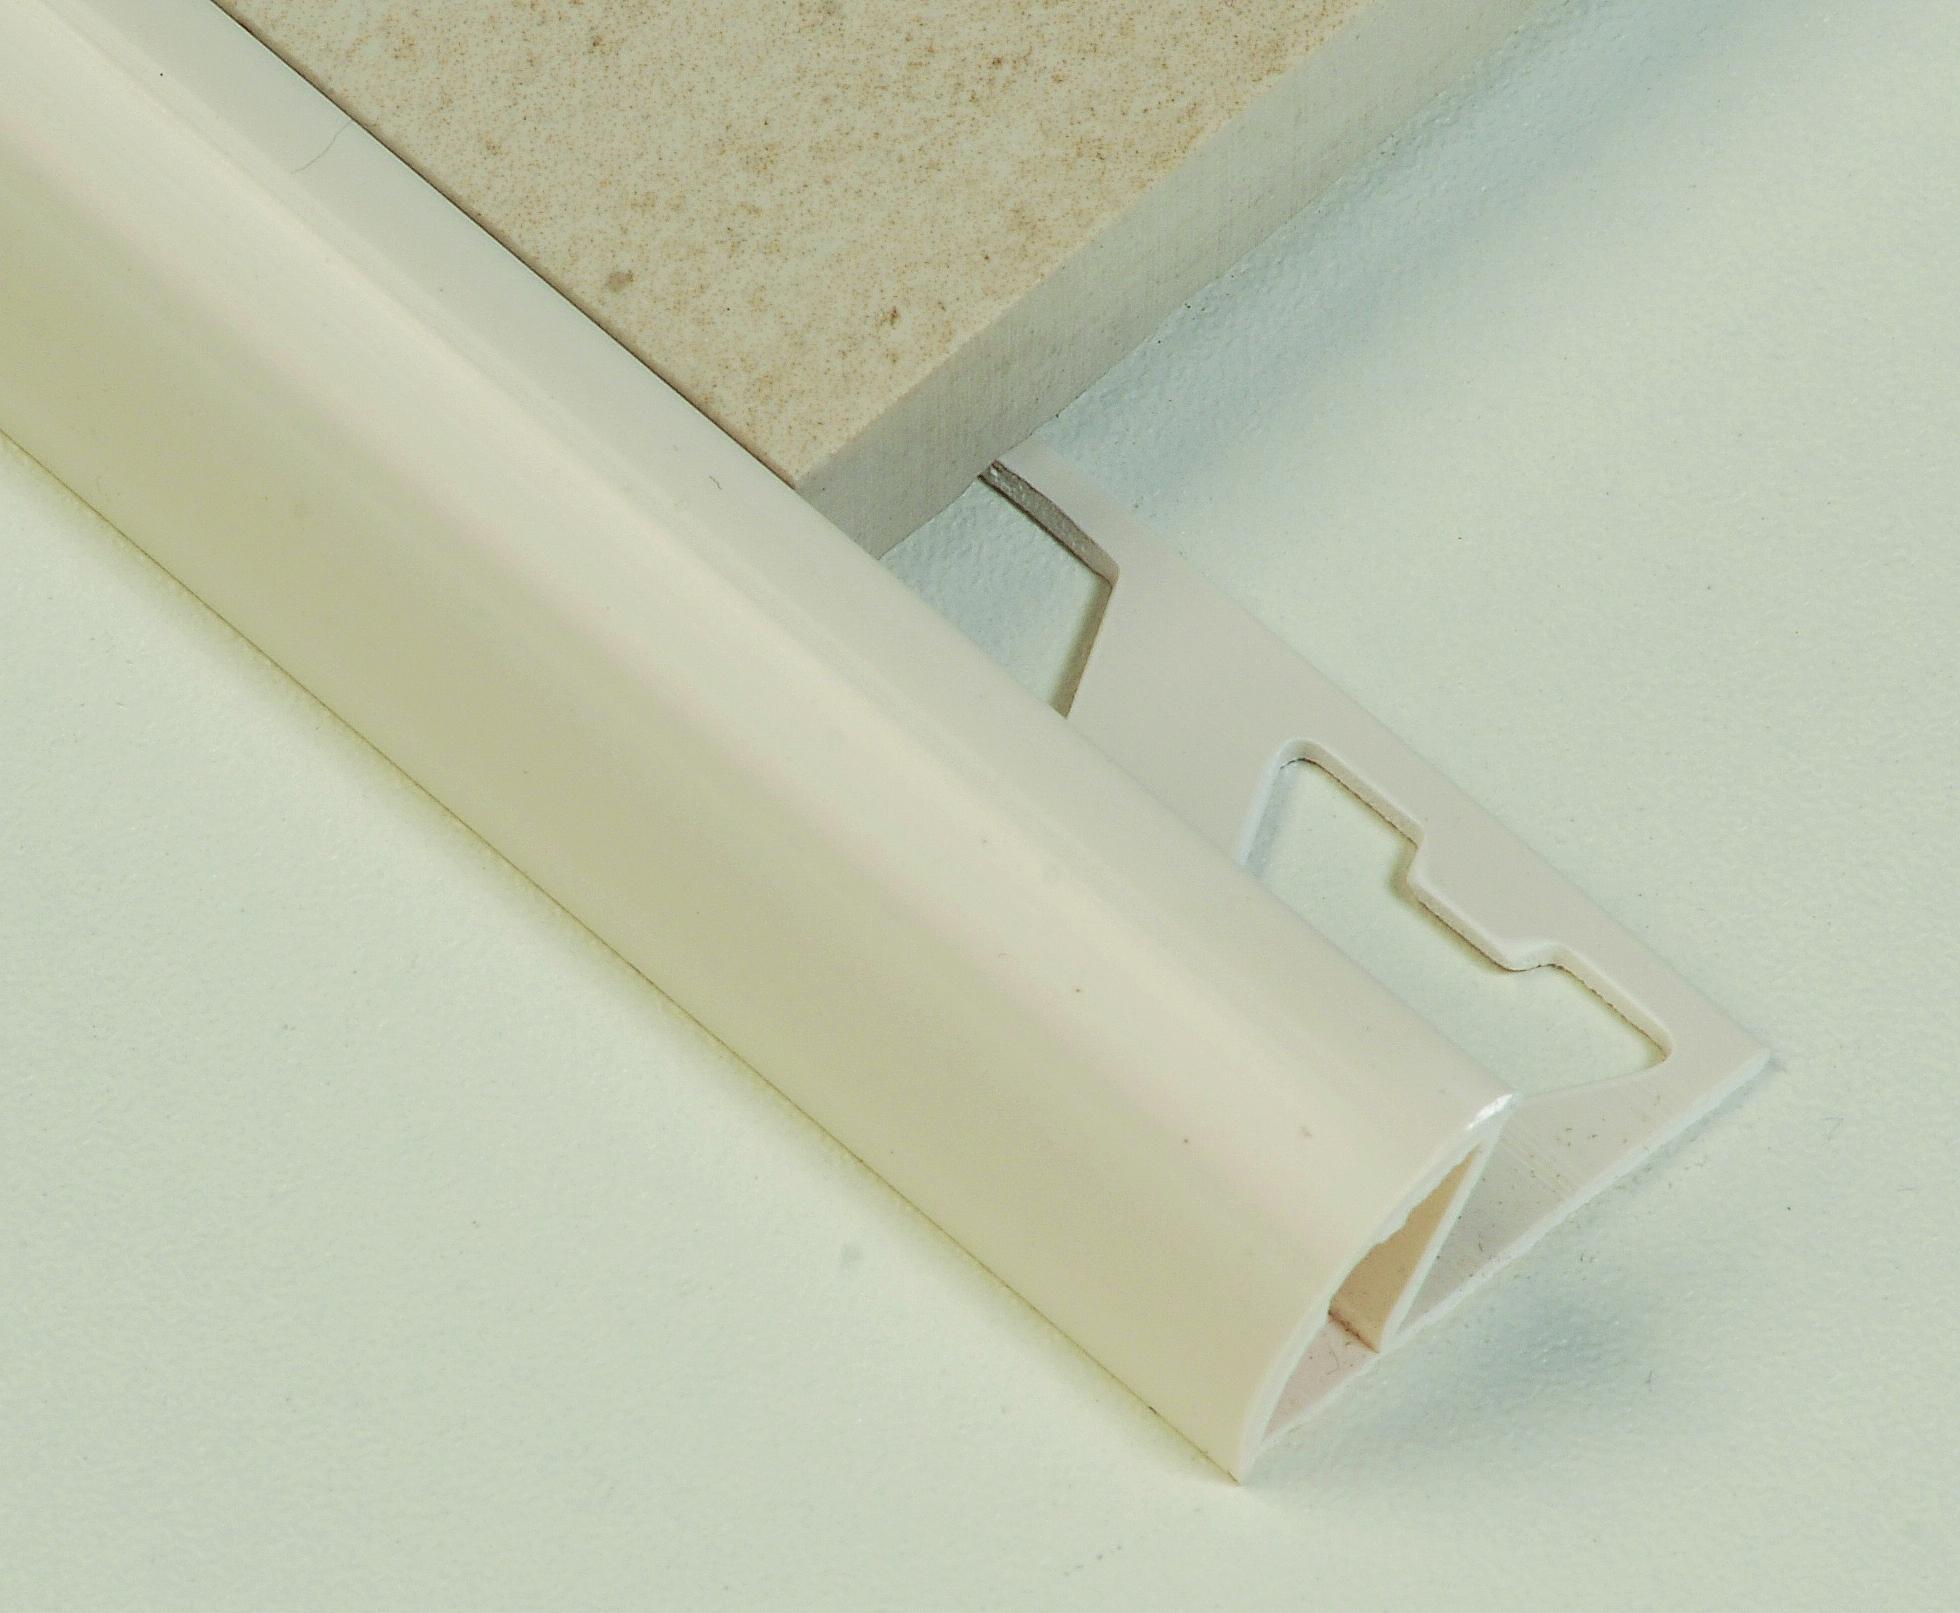 Tile Trim 10mm Round Edge Pvc Cream White